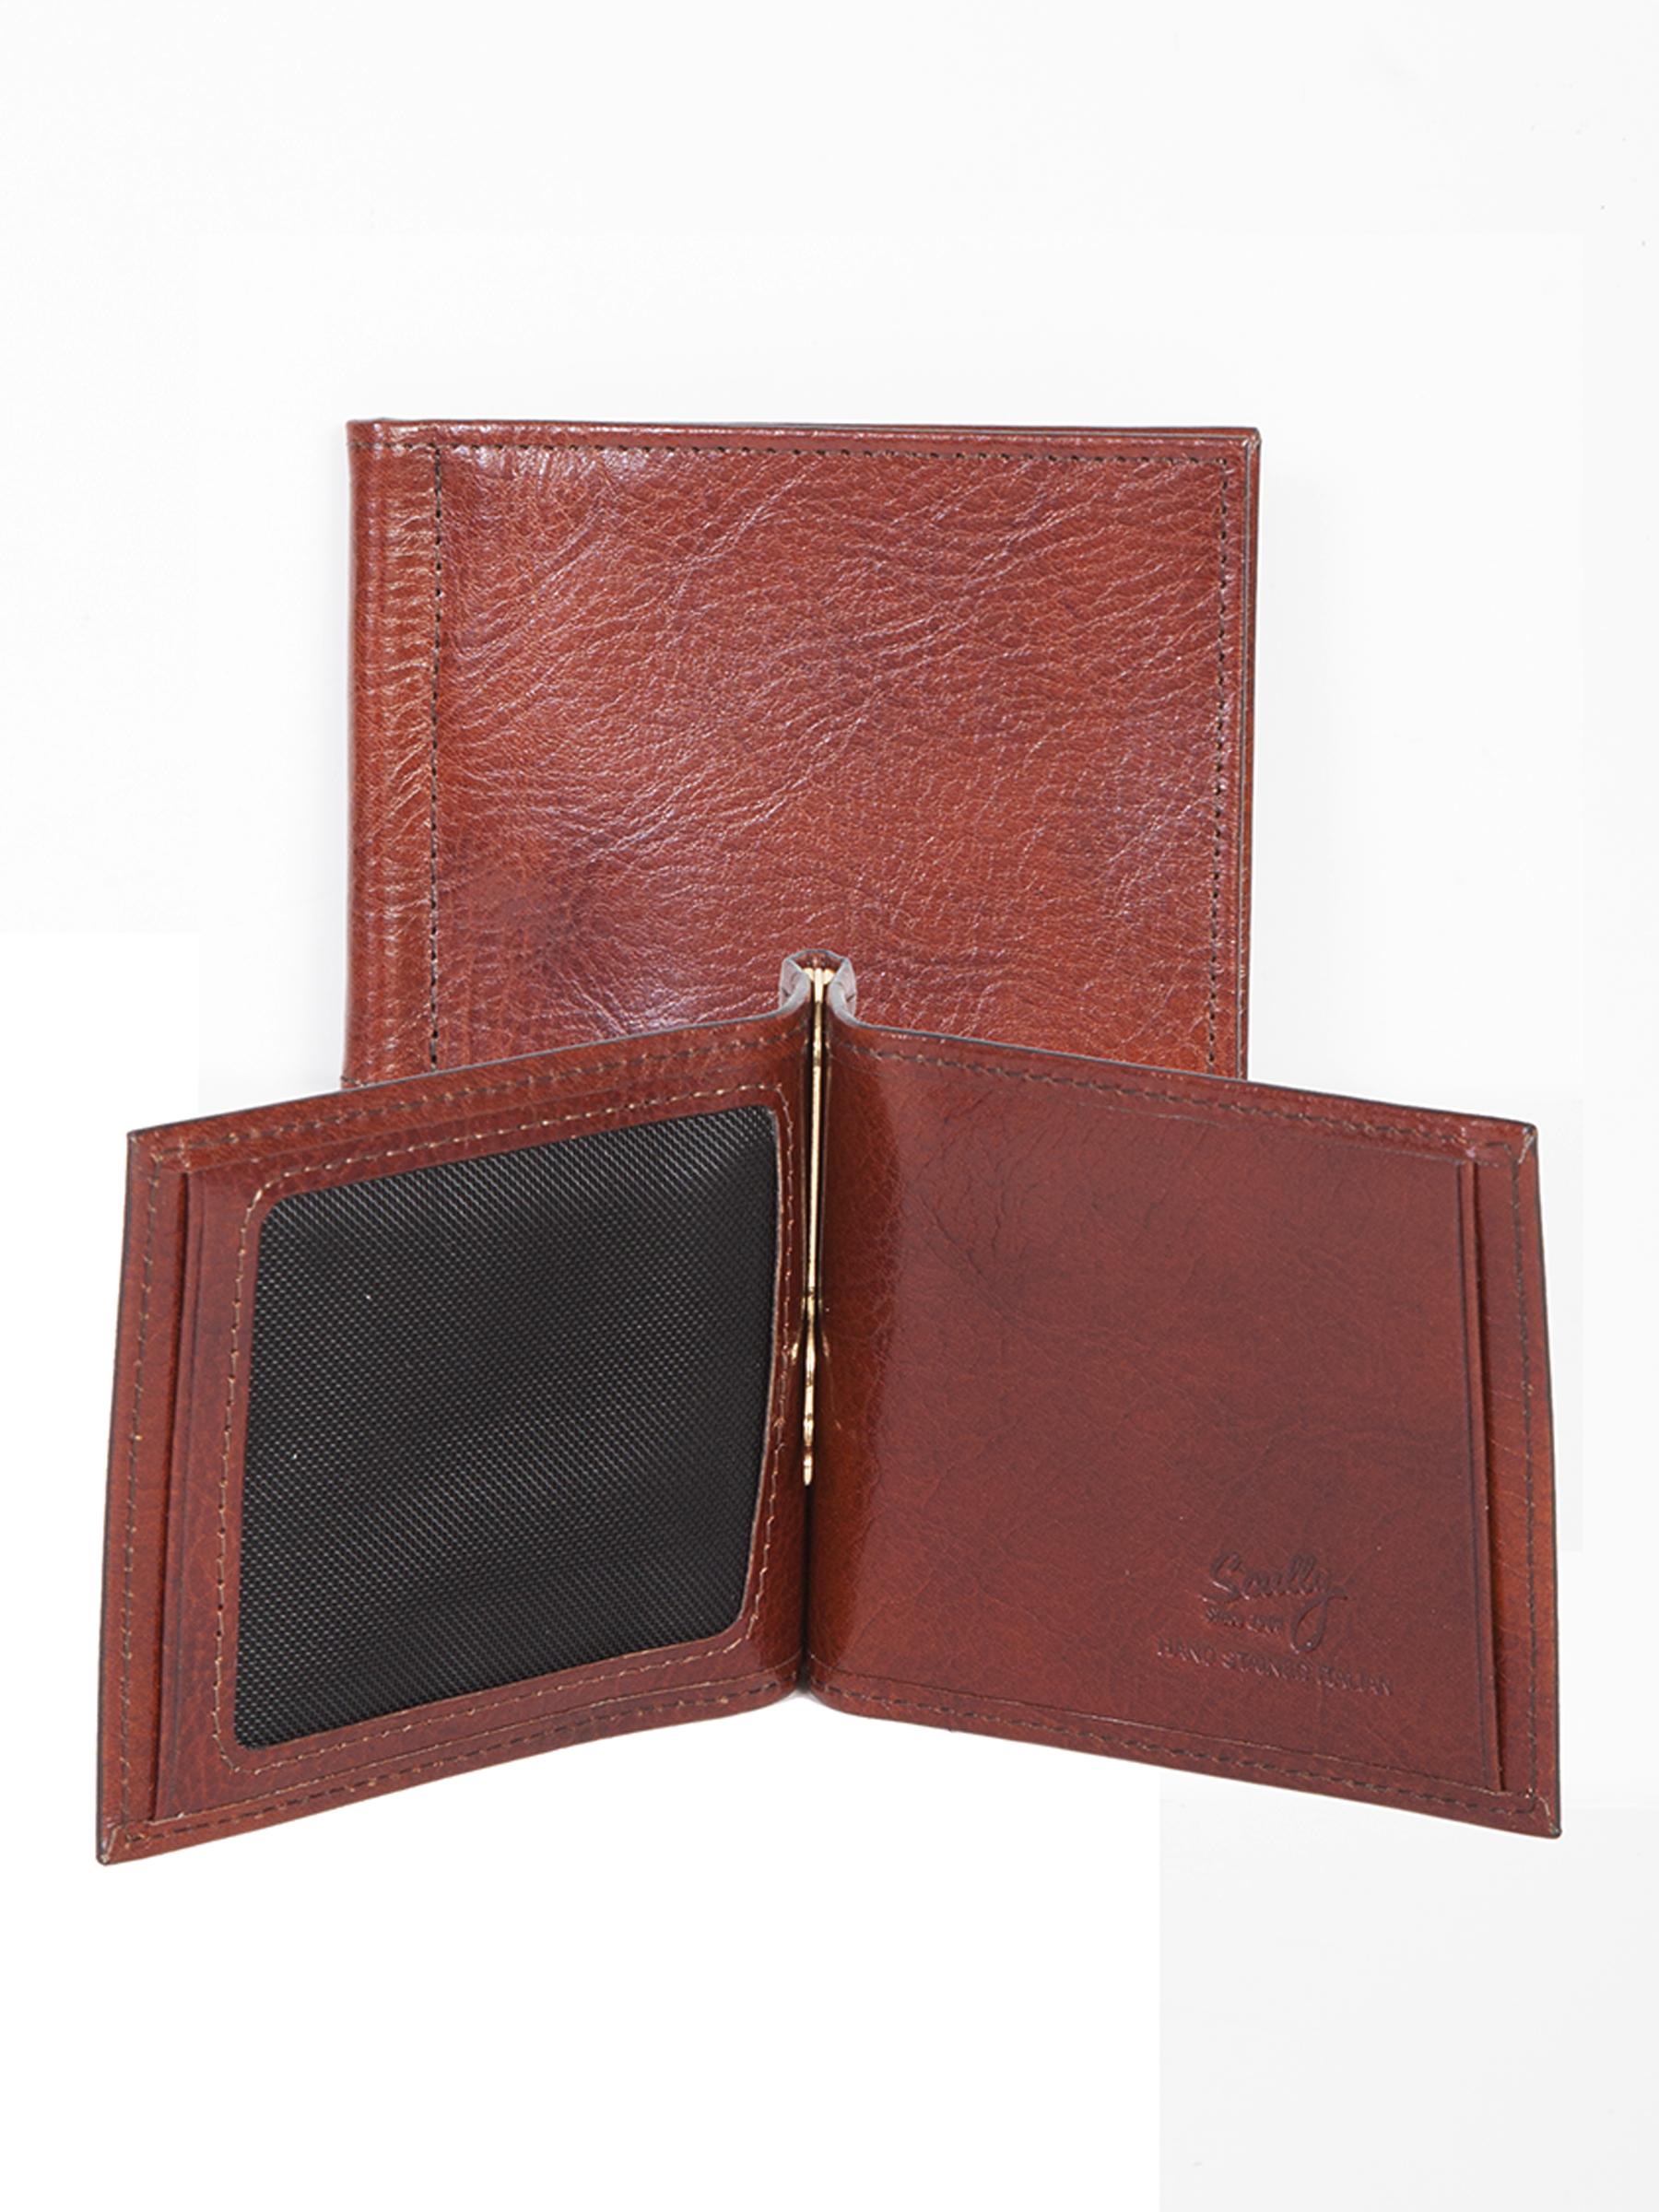 Leather money clip w/id window